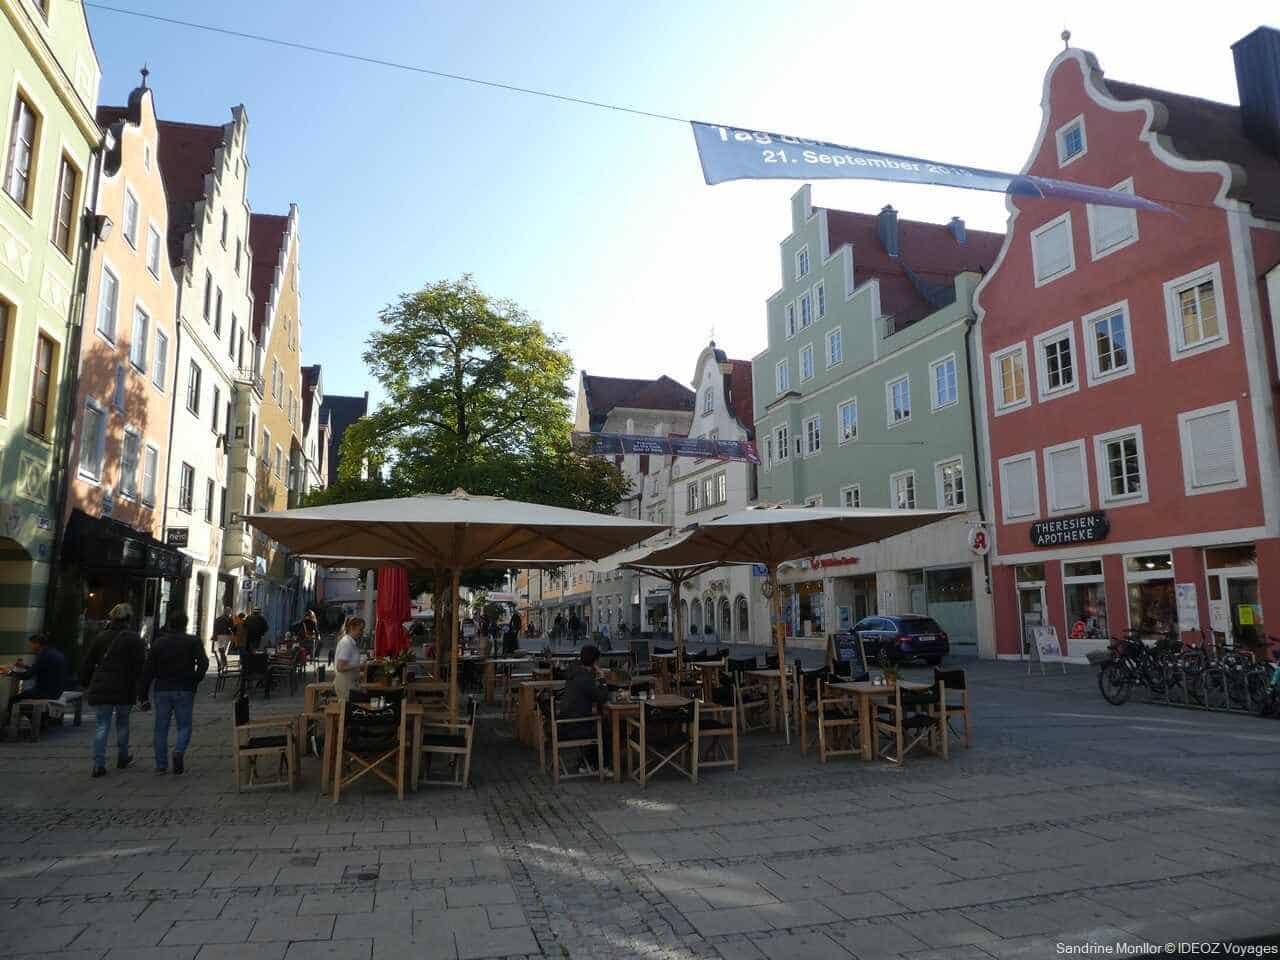 rue commerciale principale dans la vieille ville d'Ingolstadt